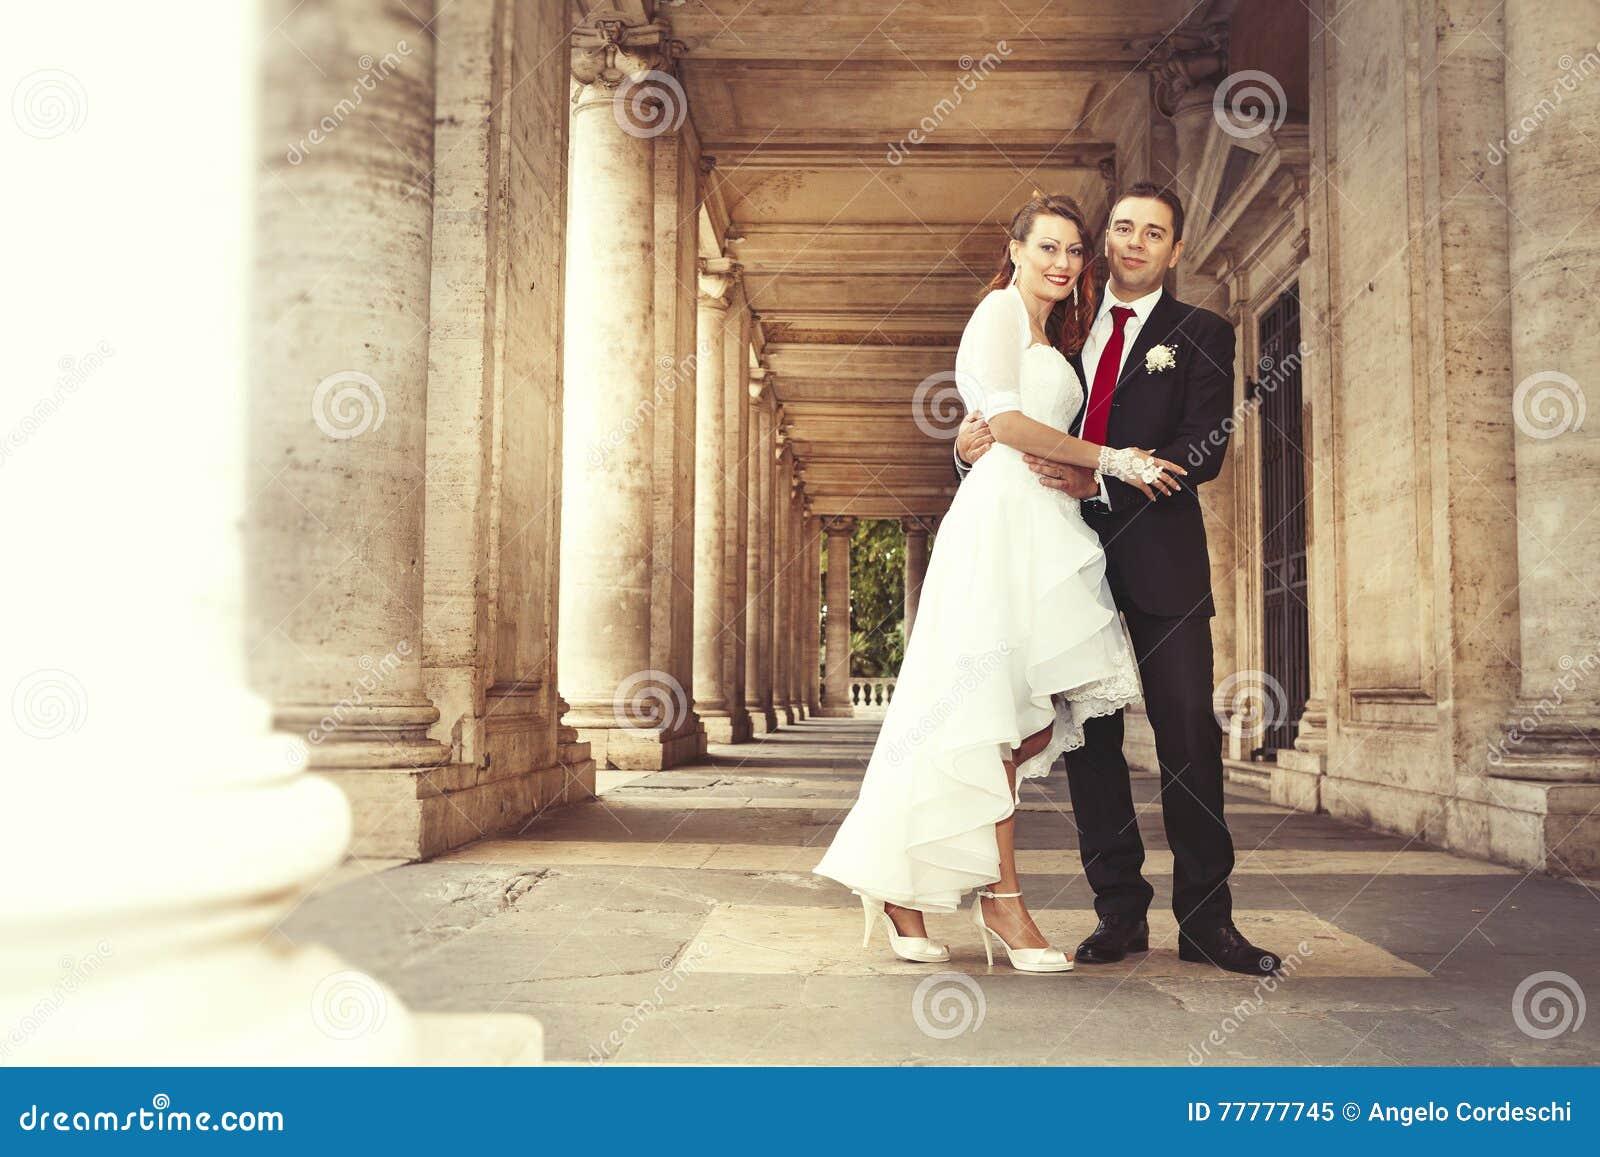 Persone appena sposate nel centro storico di Roma Colonne antiche